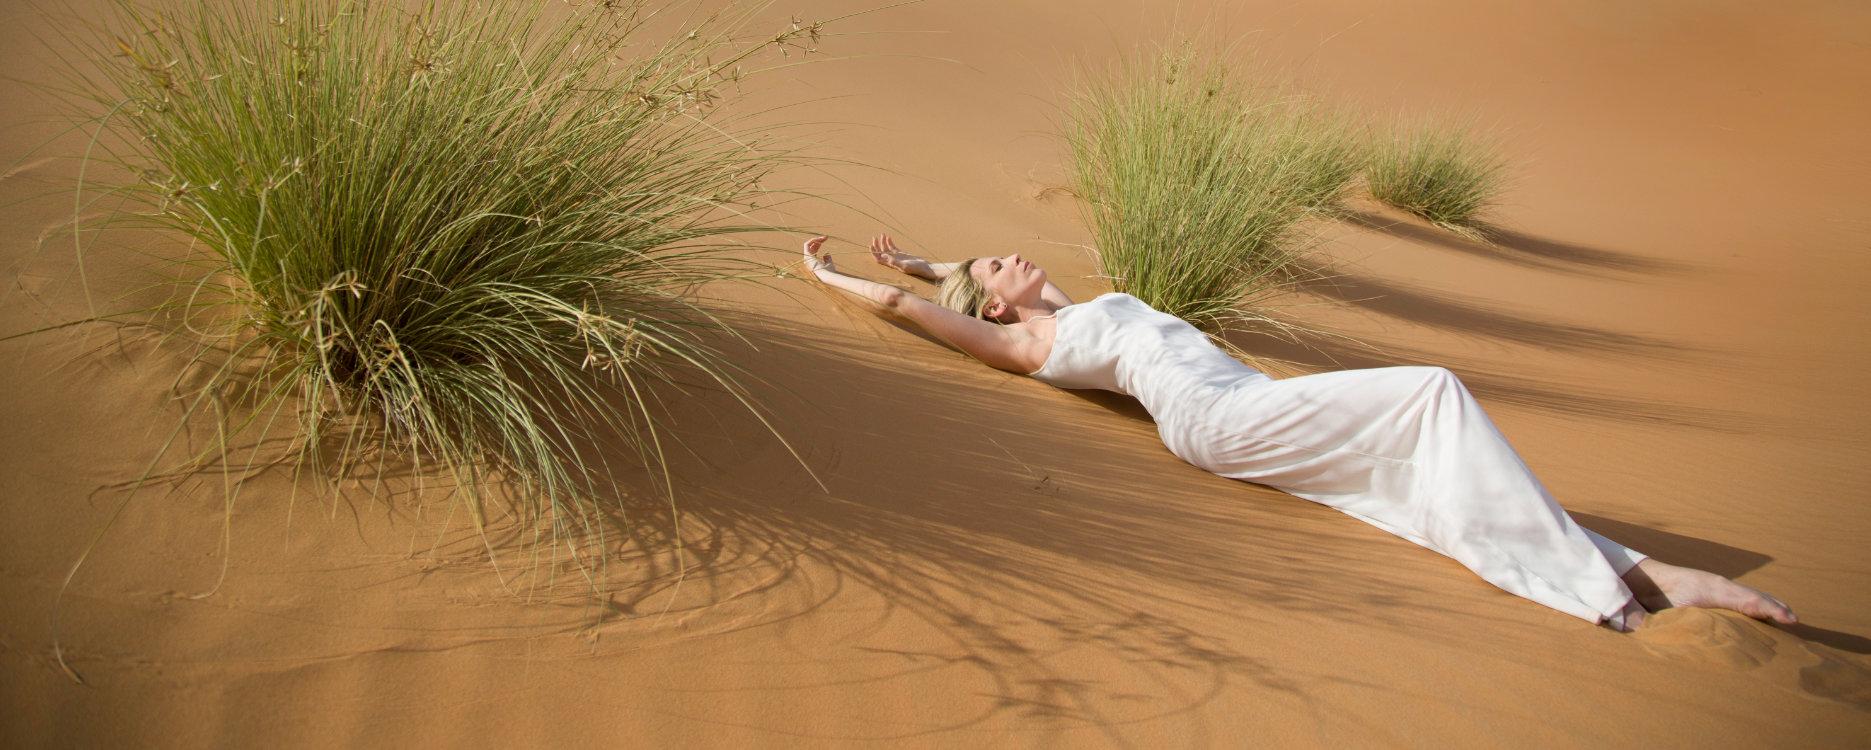 comment traiter la sécheresse intime